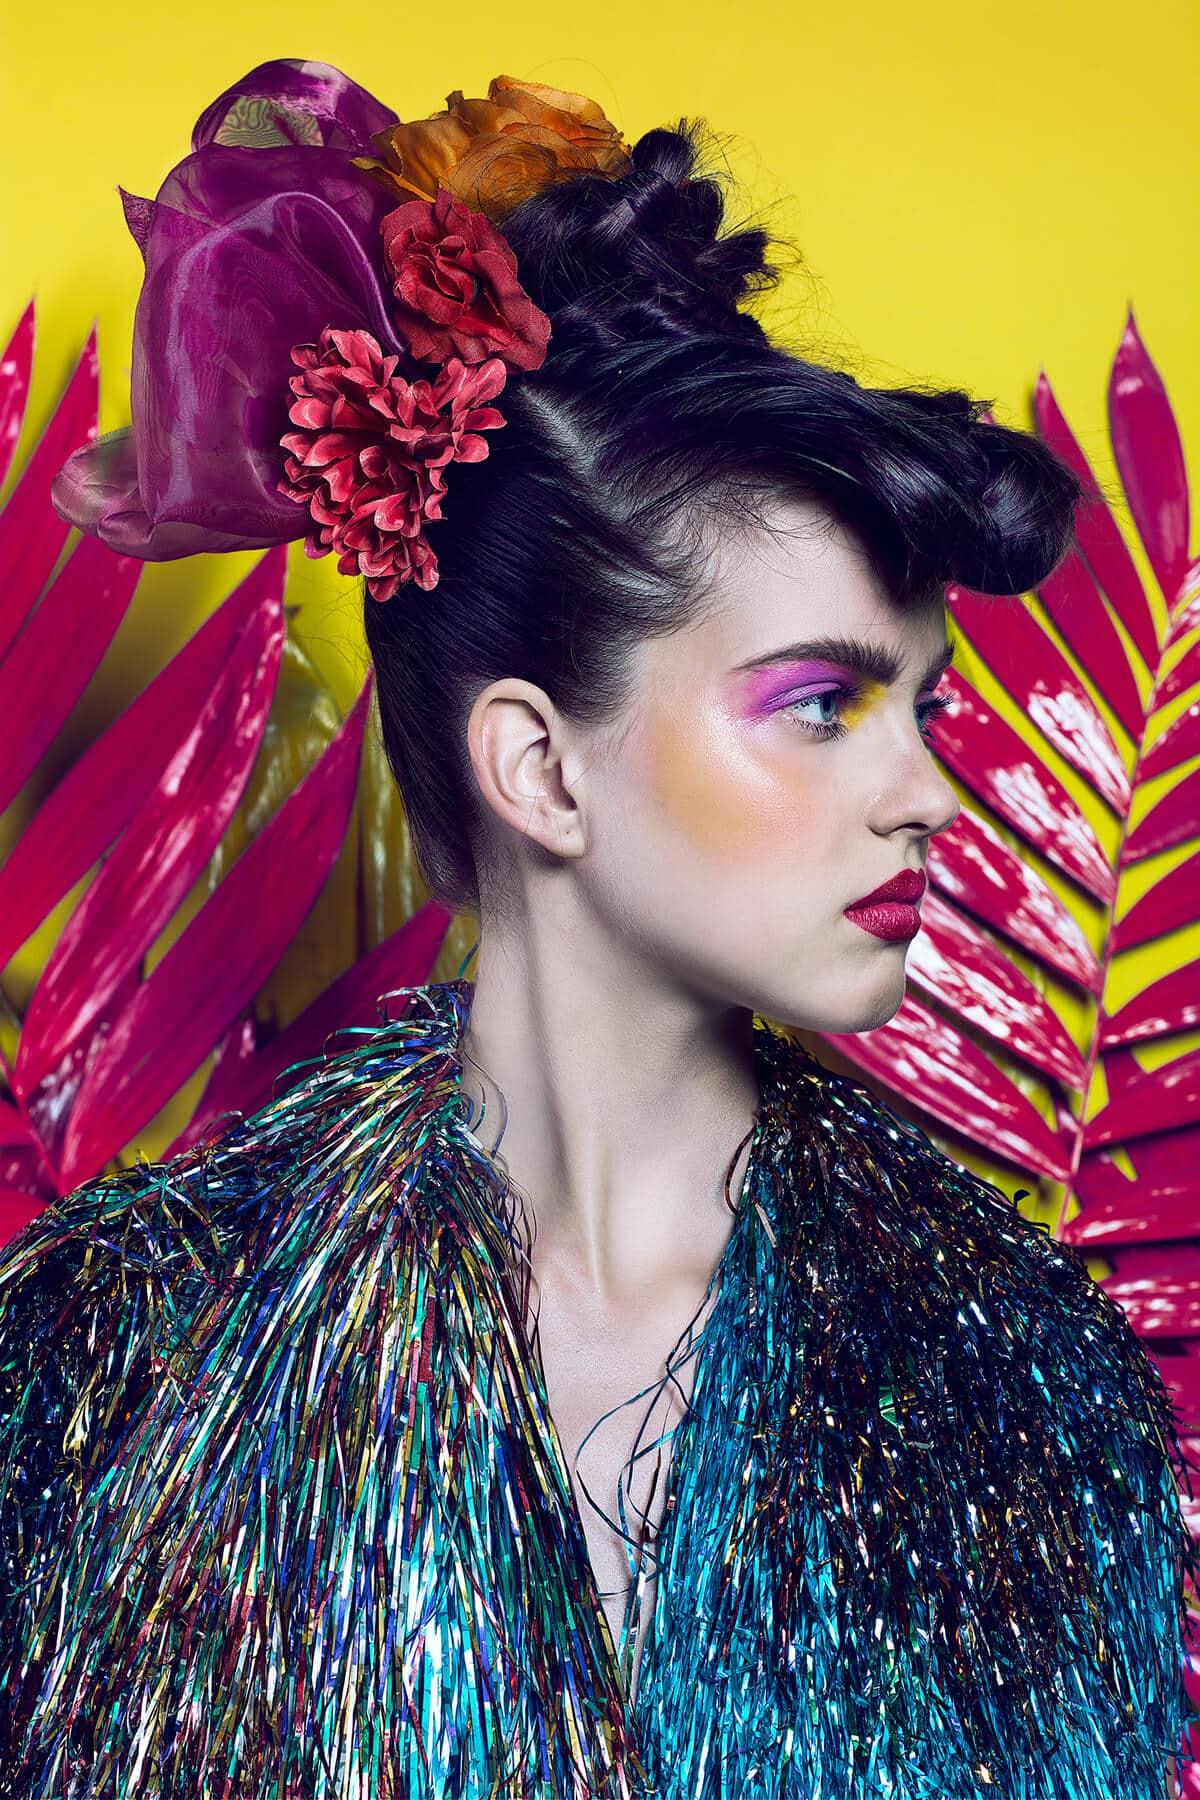 frida kahlo modern fashion icon fy 2